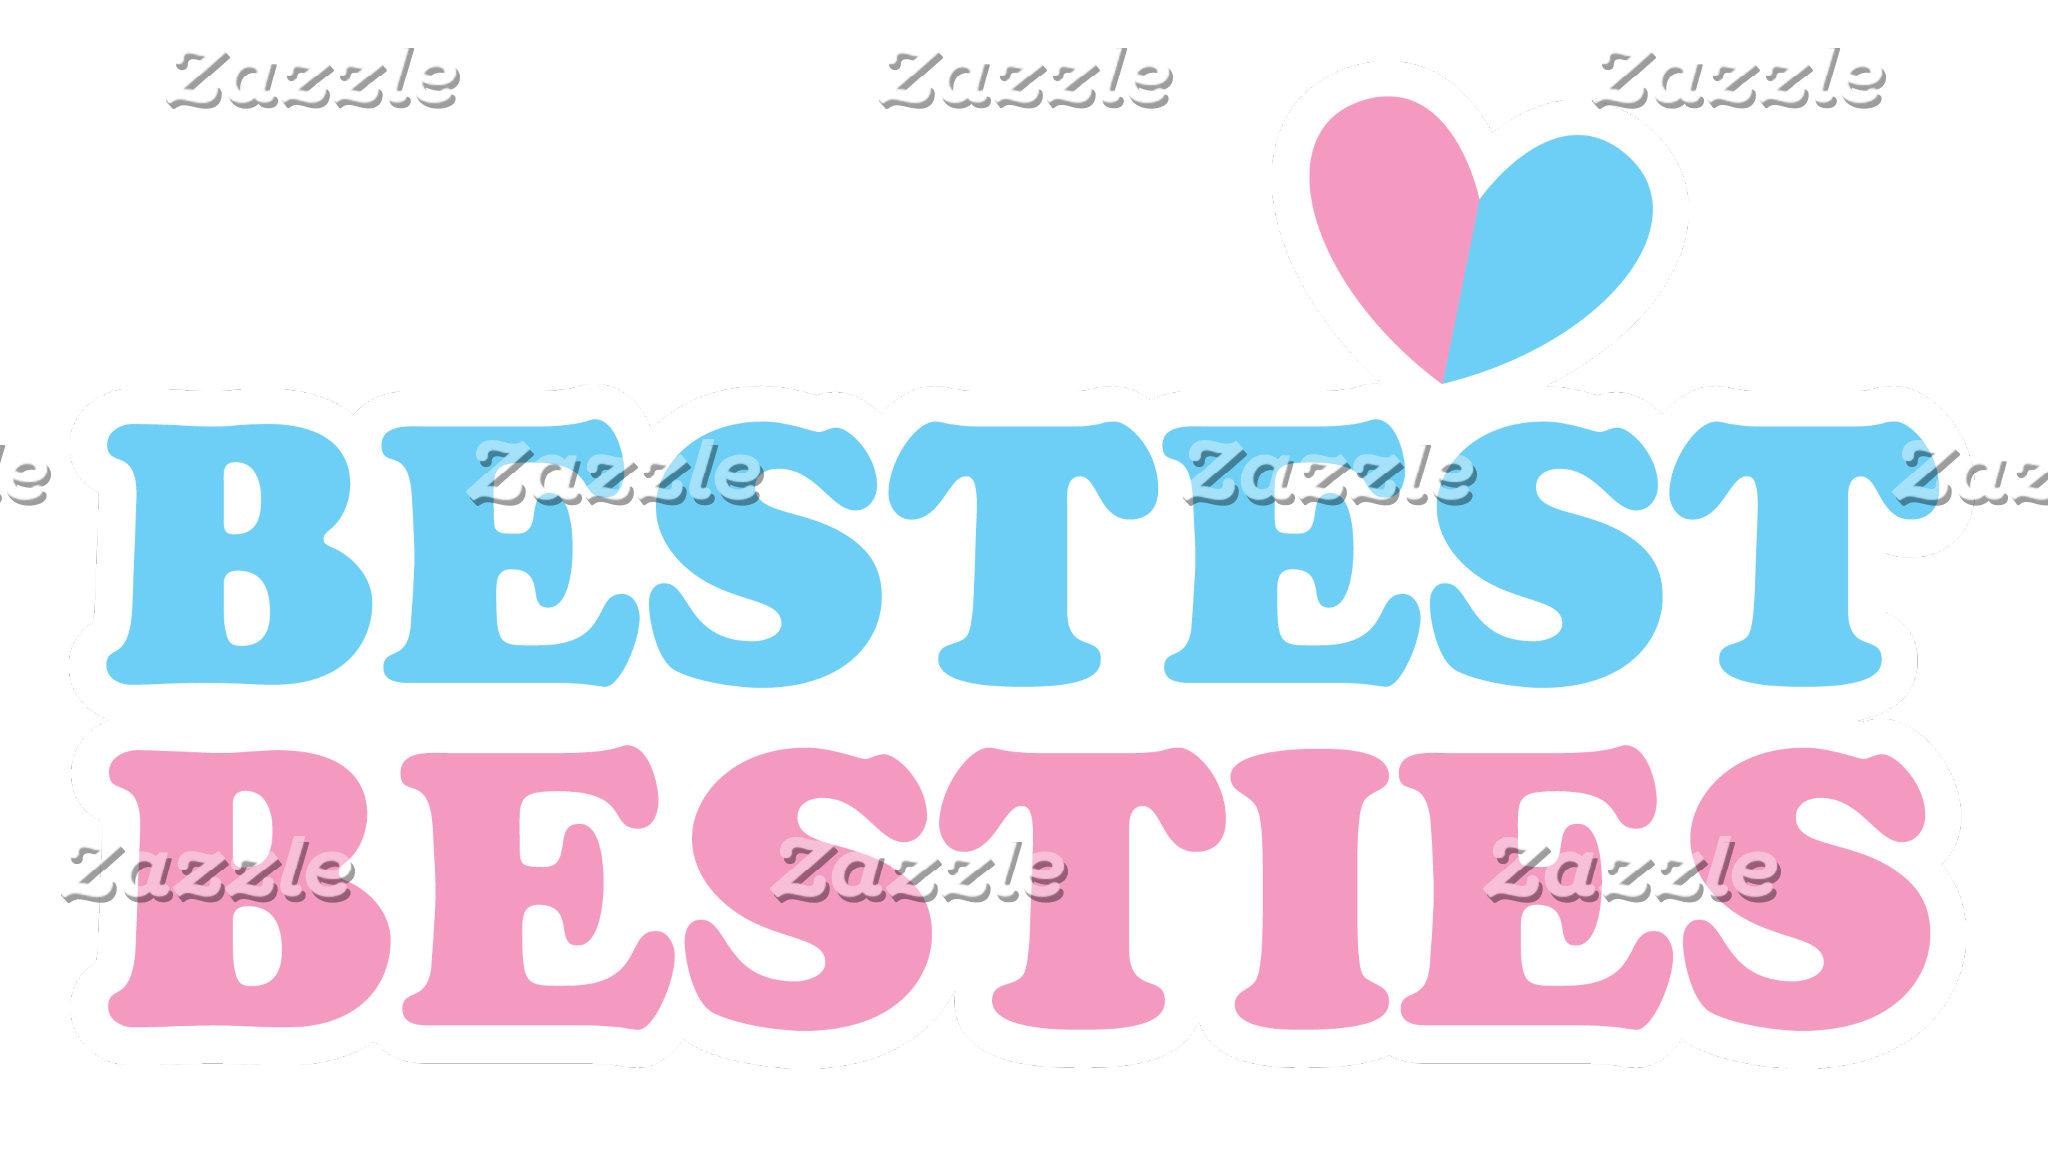 BESTEST BESTIES with cute hearts BFF best friends